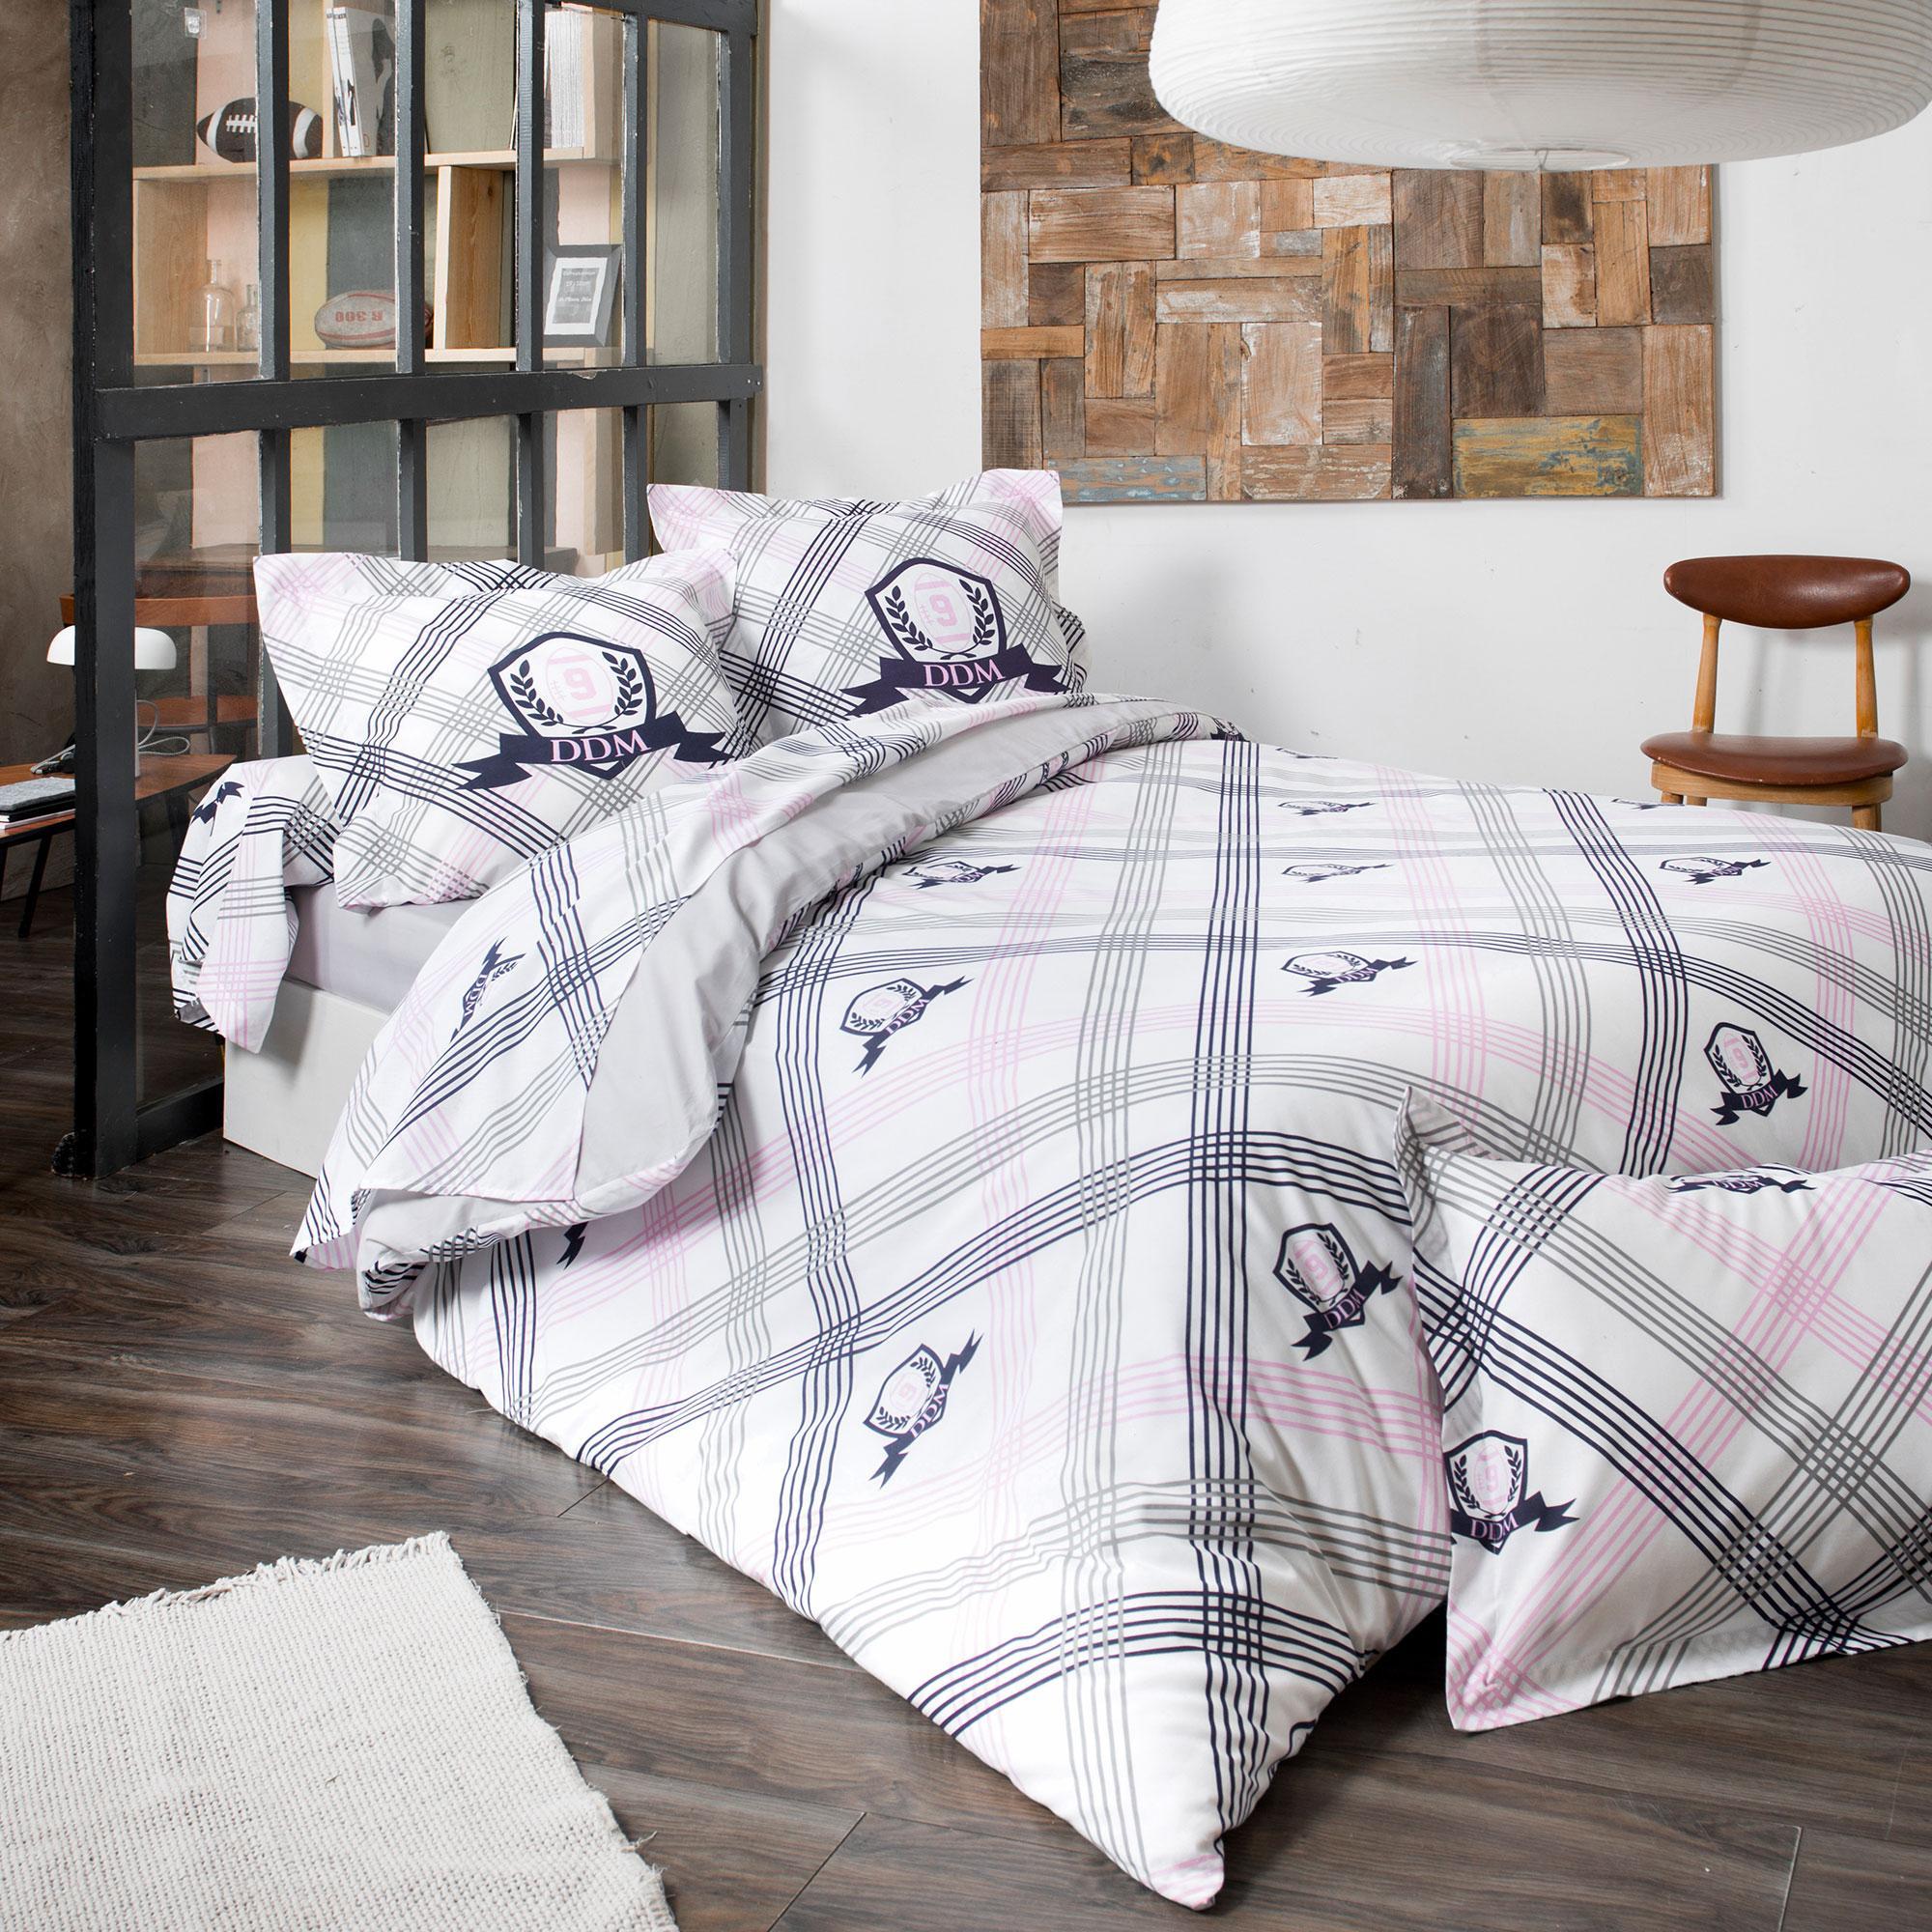 housse de couette 240x220 cm 100 coton jubile blanc linnea vente de linge de maison. Black Bedroom Furniture Sets. Home Design Ideas